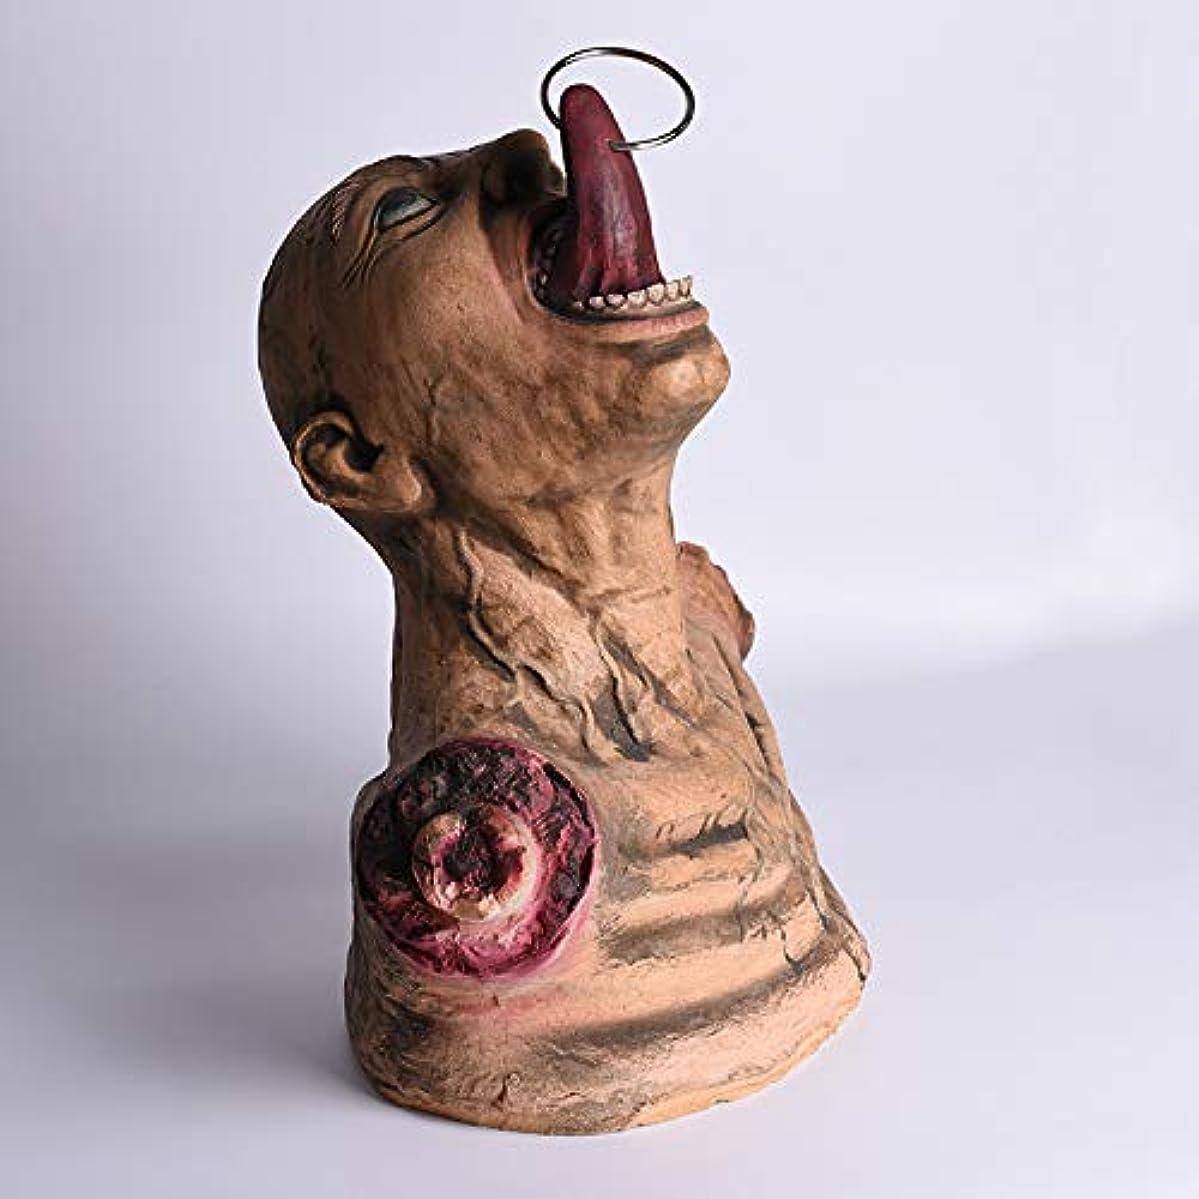 しなやかな死んでいる発生器ETRRUU HOME ハロウィーンお化けハウスルームエスケープ怖い小道具恐怖壊れた手ぶら下げ幽霊死体全身ゾンビ装飾